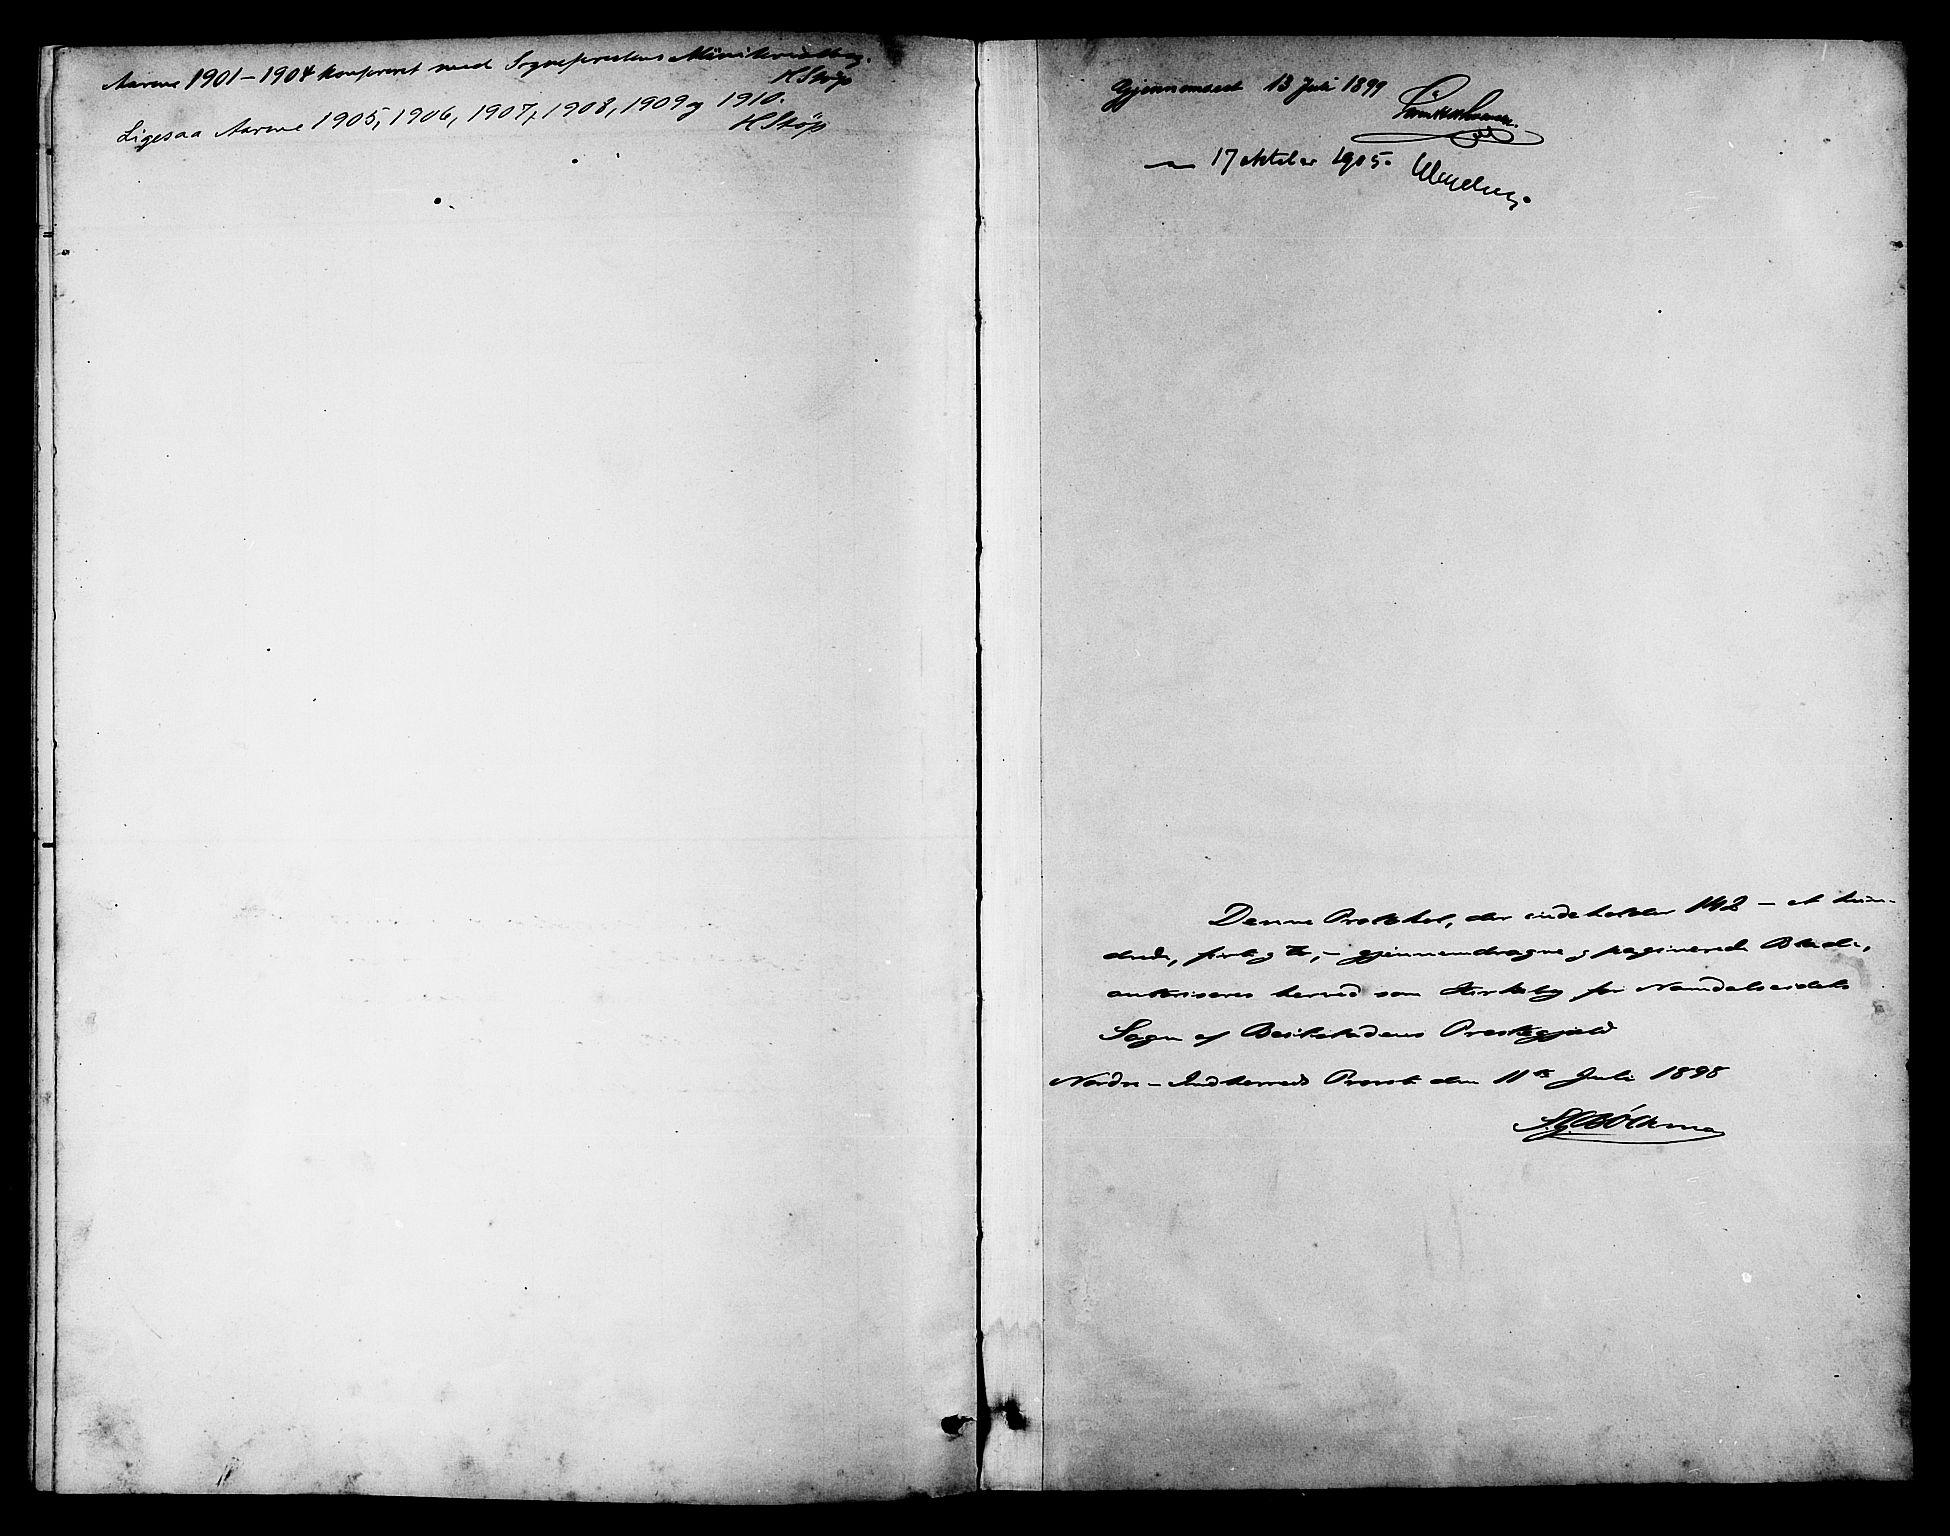 SAT, Ministerialprotokoller, klokkerbøker og fødselsregistre - Nord-Trøndelag, 742/L0412: Klokkerbok nr. 742C03, 1898-1910